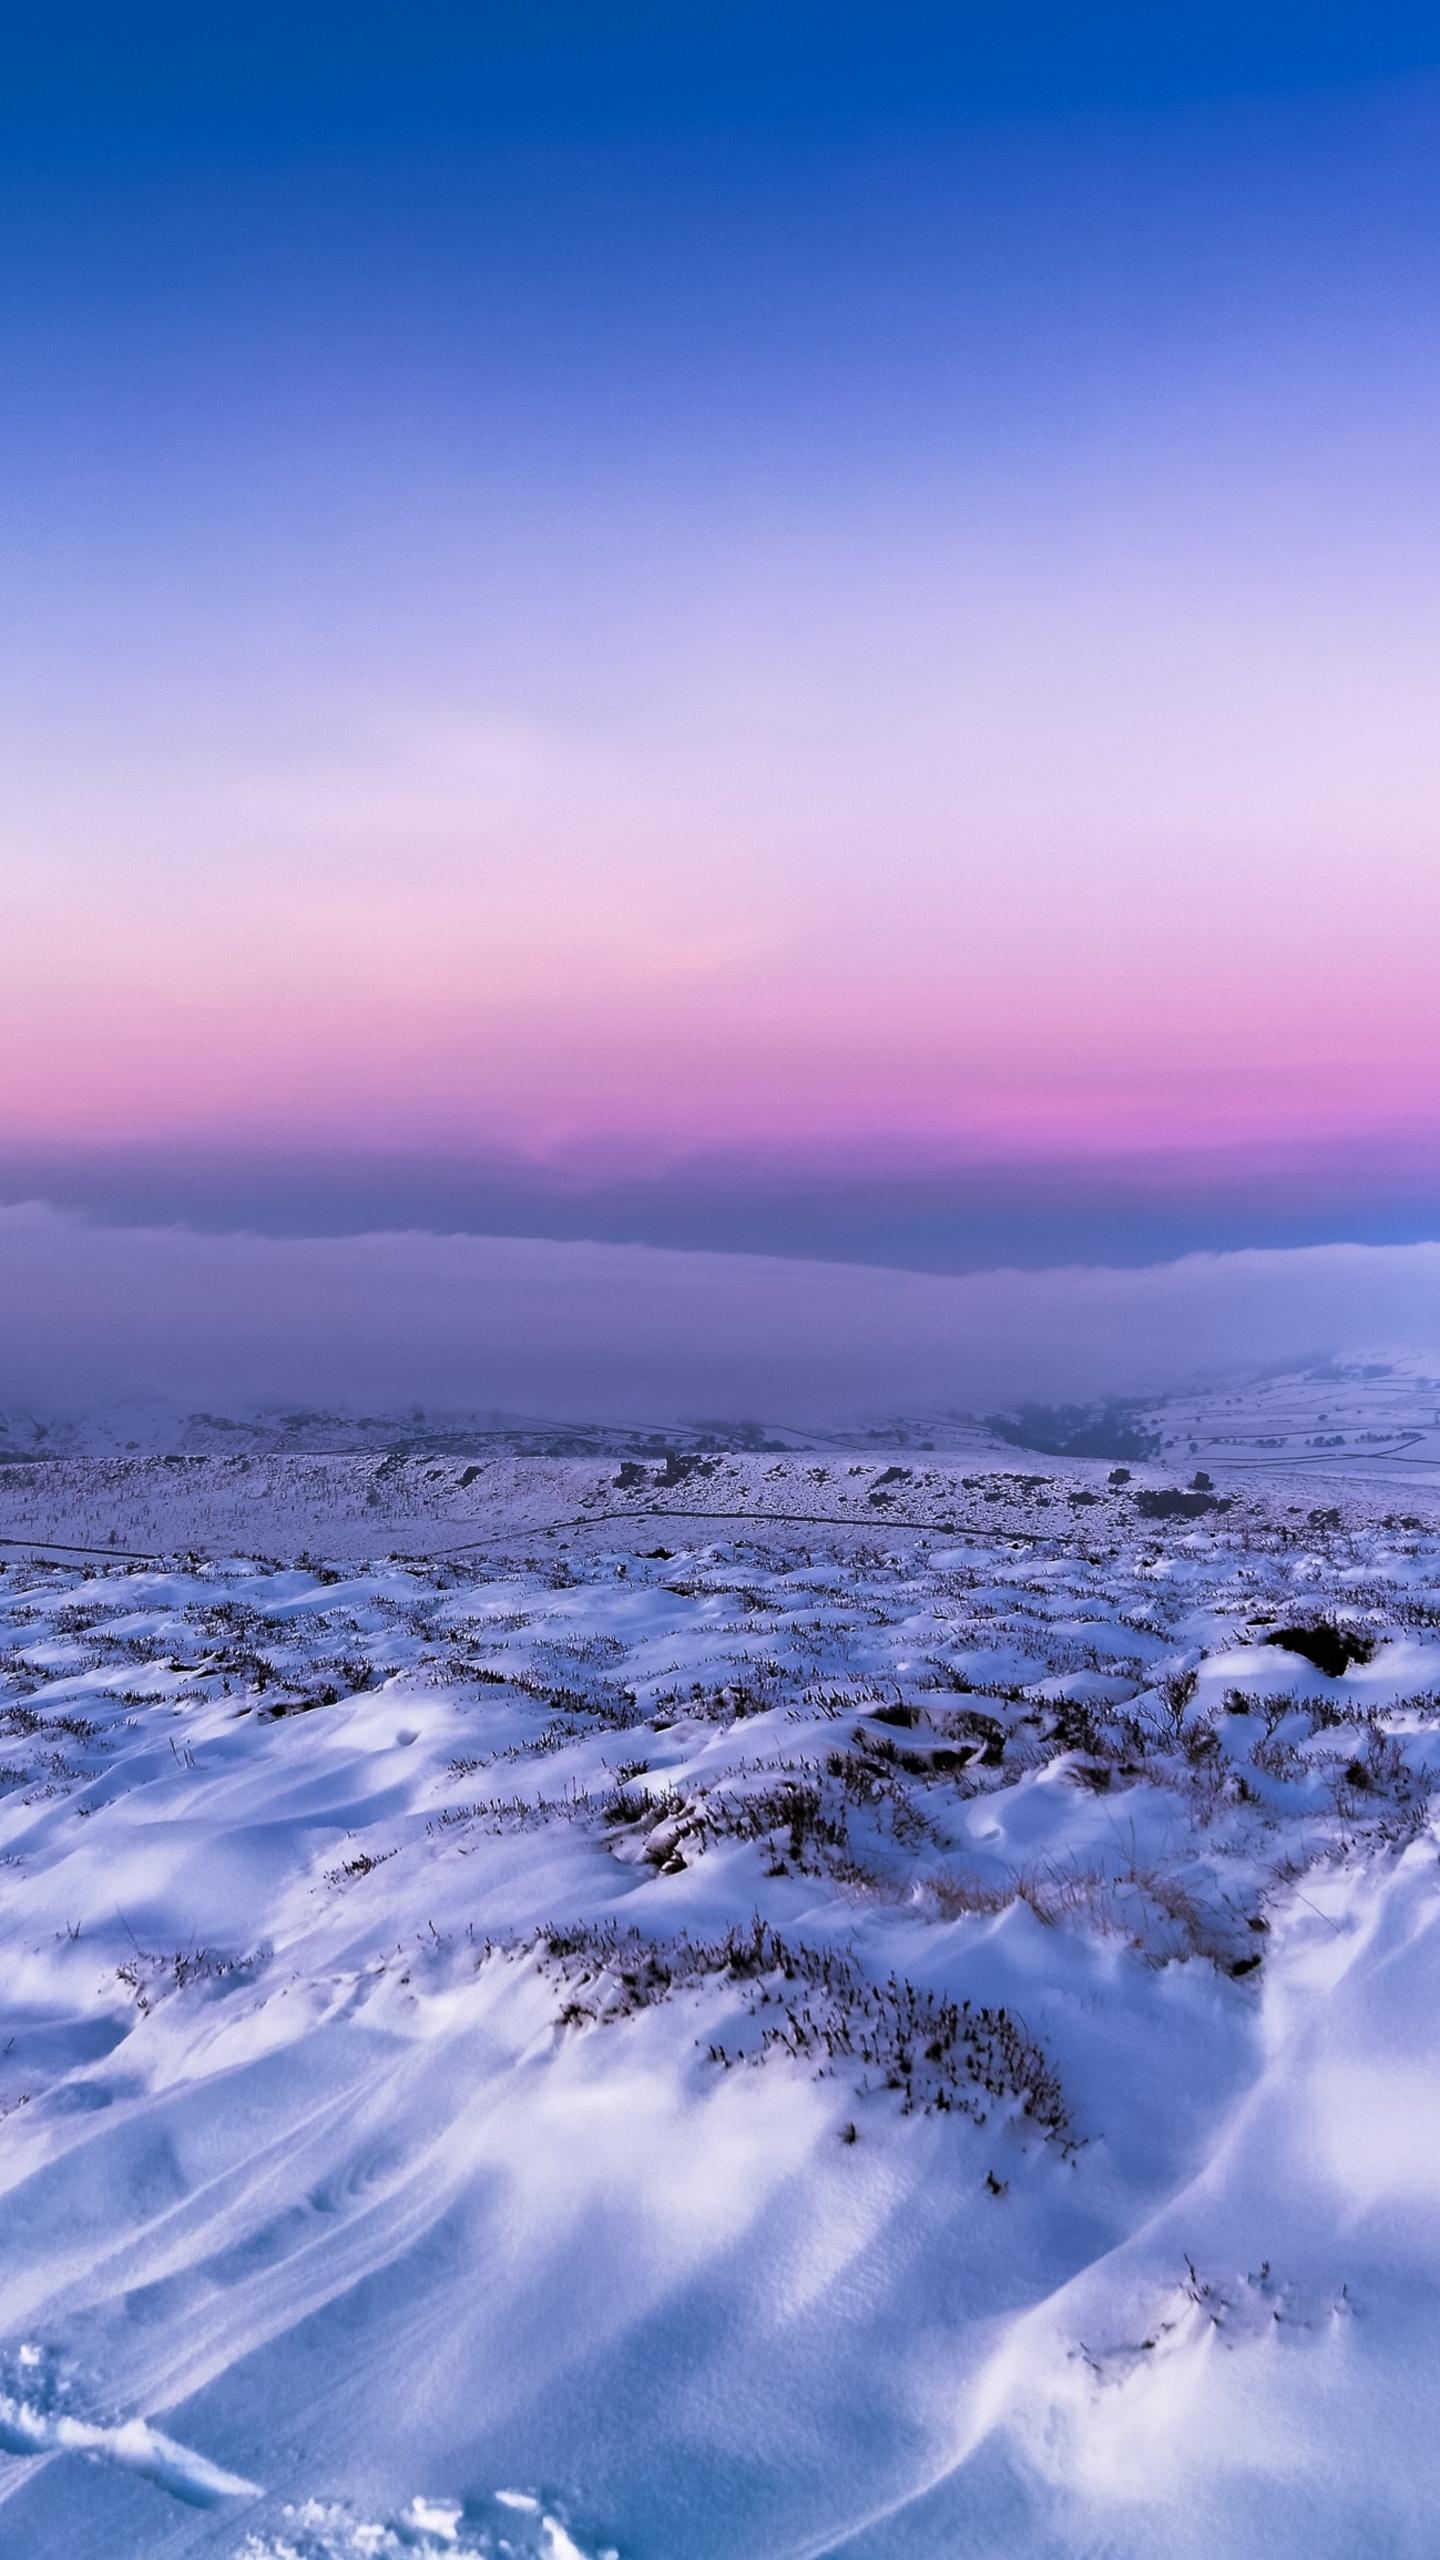 snow-twilight-clear-sky-ct.jpg